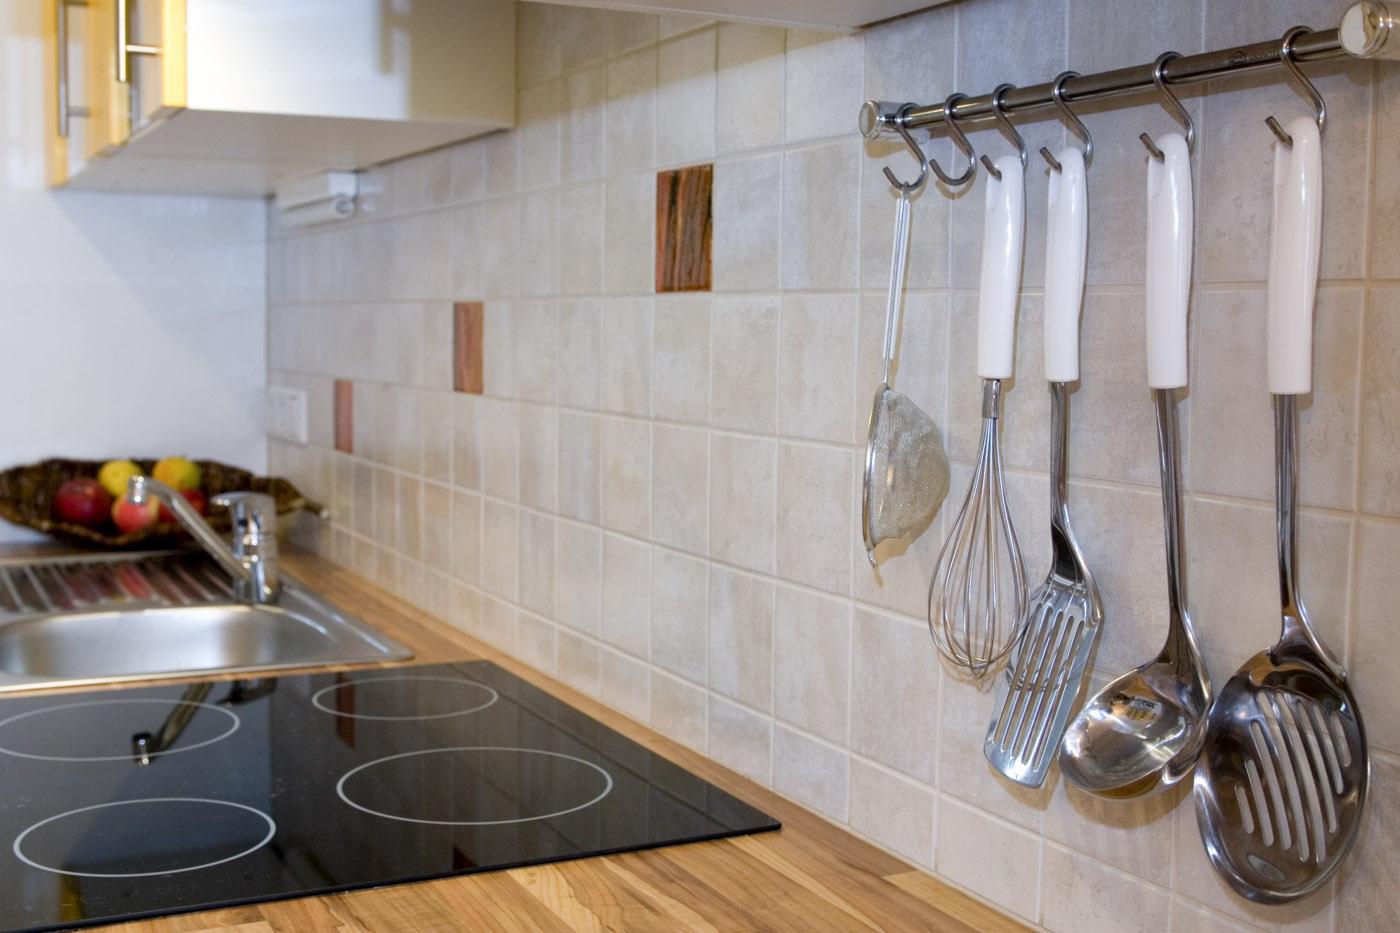 Gemütlich Bauernhof Küche Designs Fotos - Küchen Ideen Modern ...